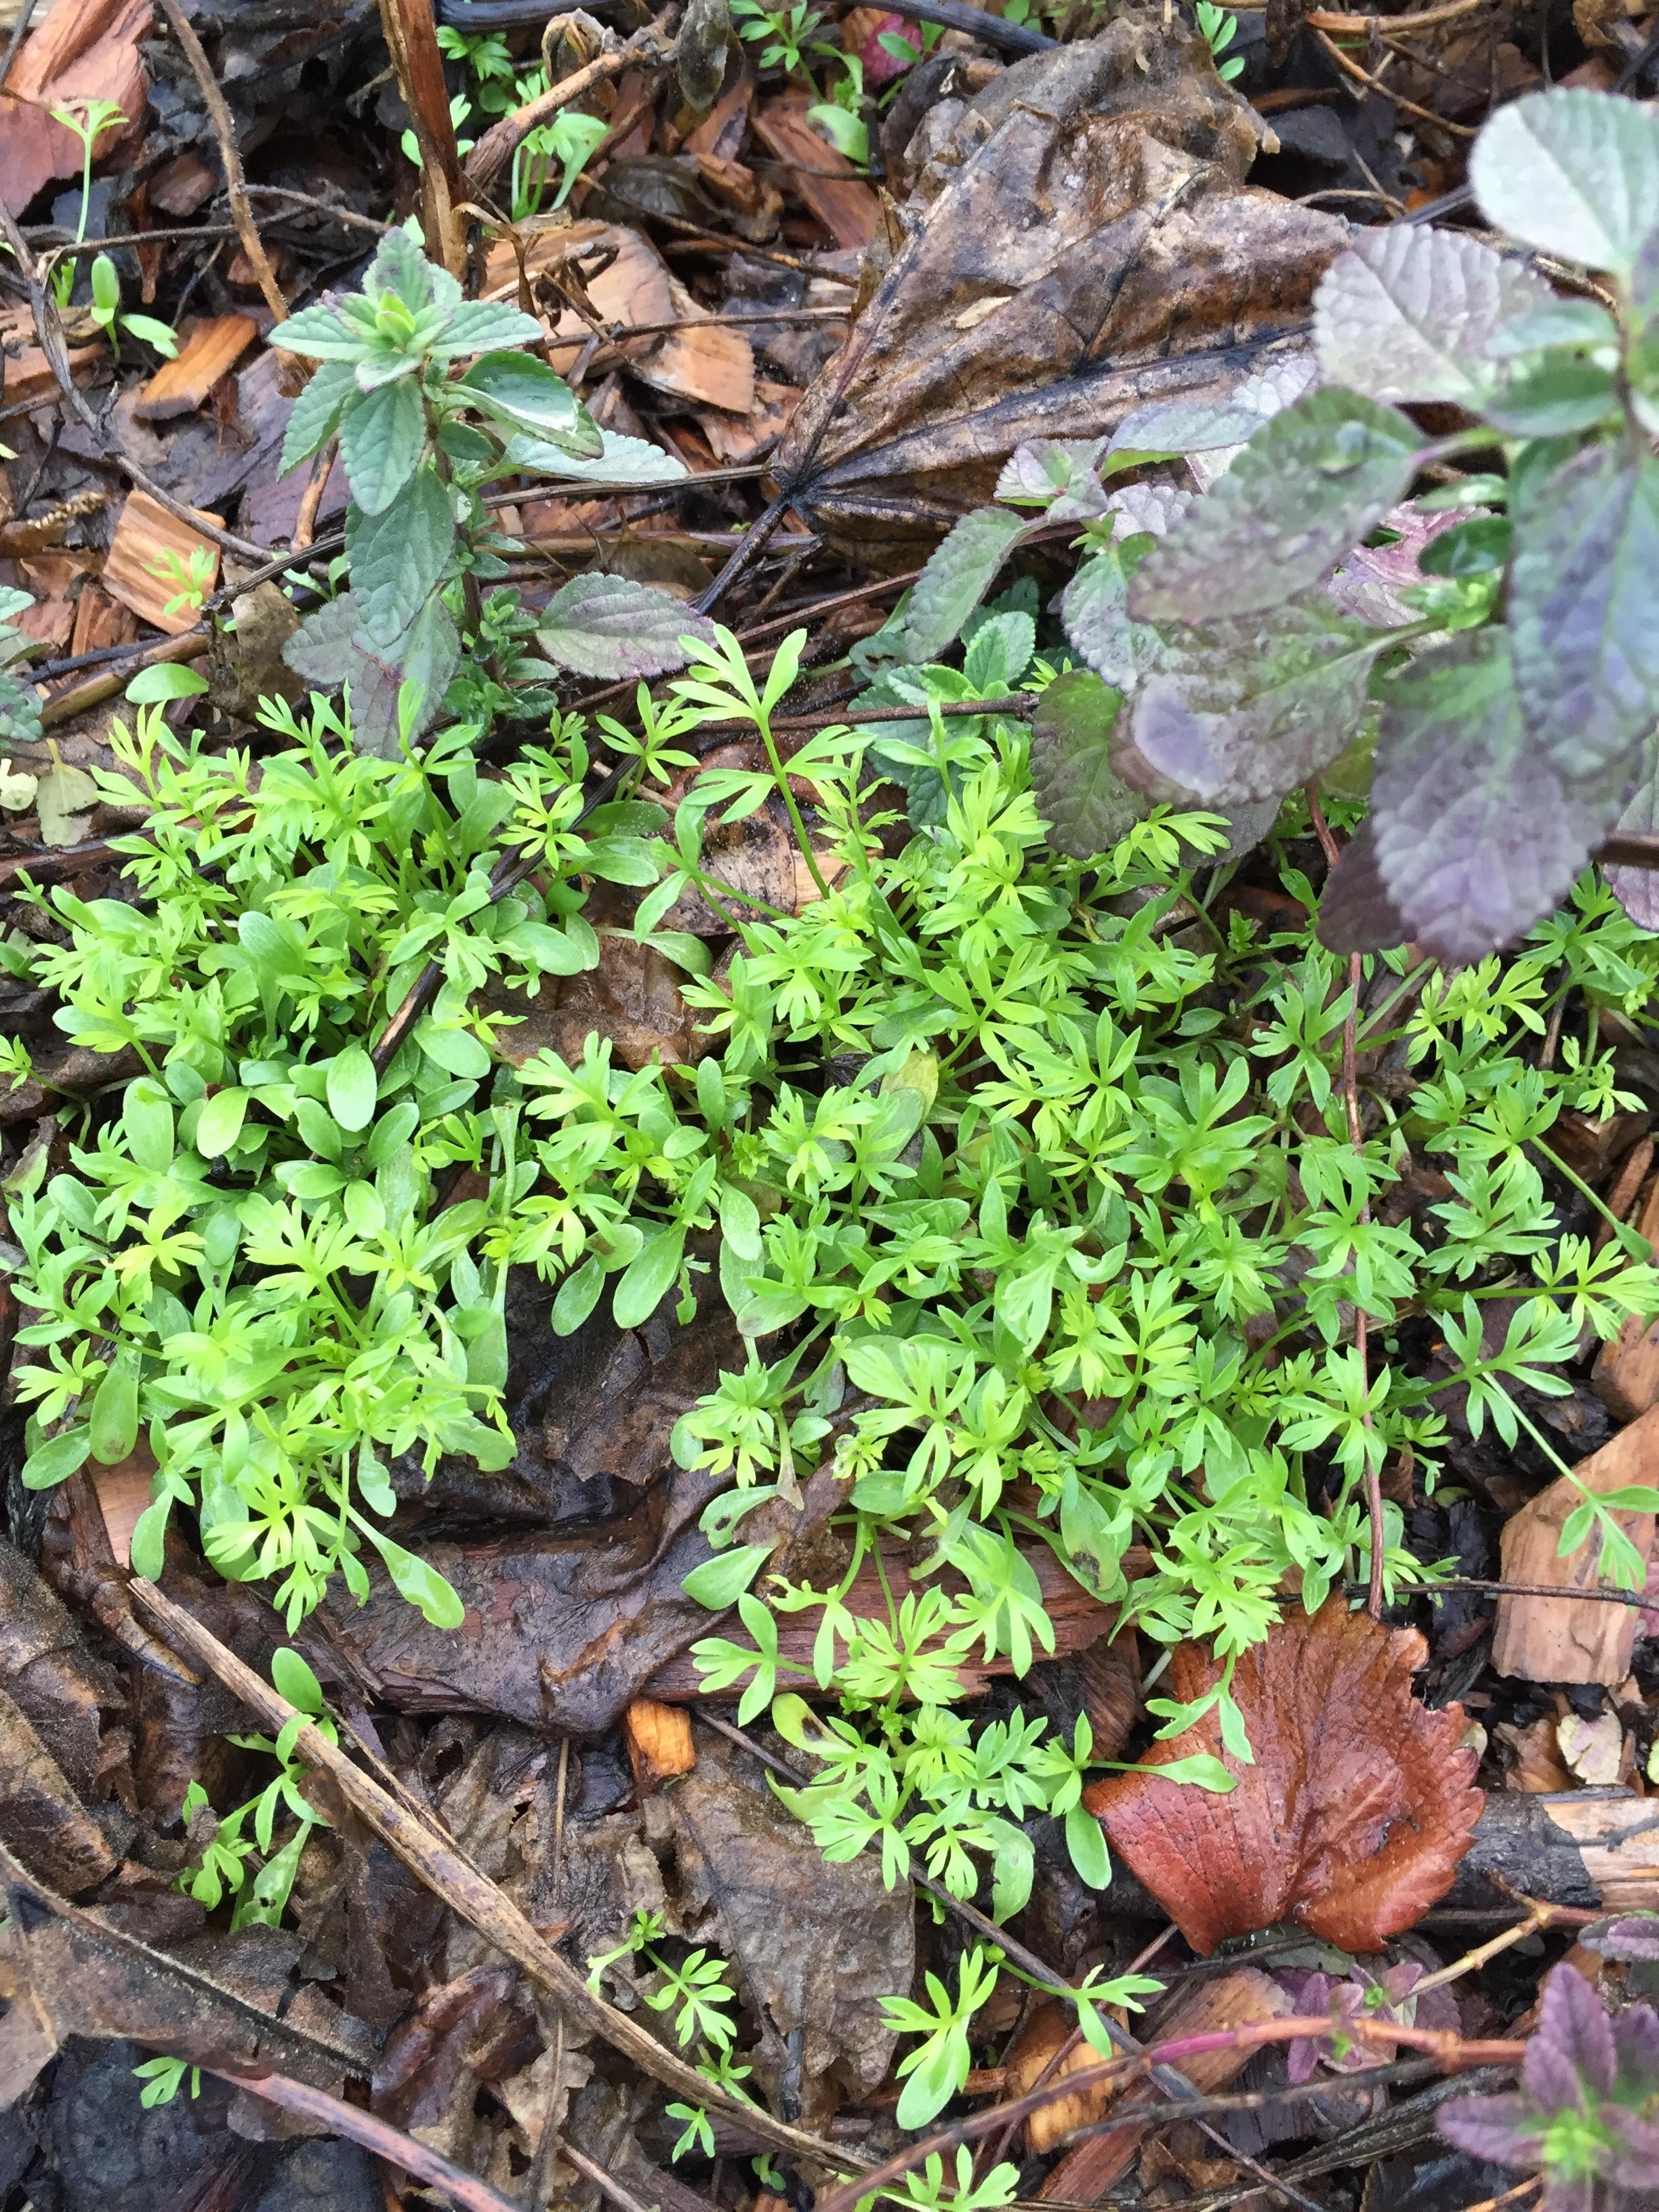 Annual wildflower seedlings